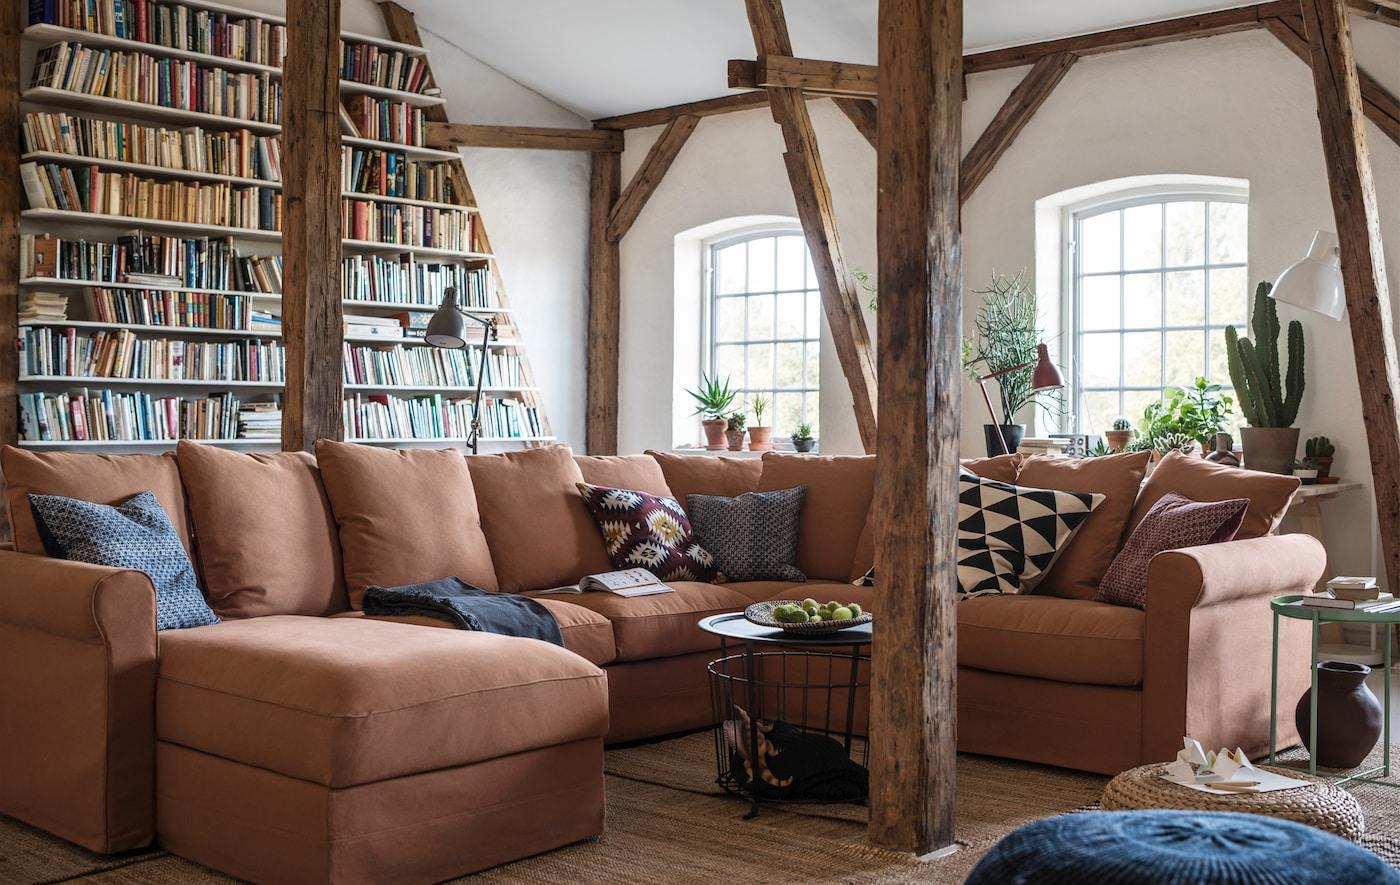 Ein grosses, U-förmiges Sofa in einem Raum mit freiliegenden Balken.